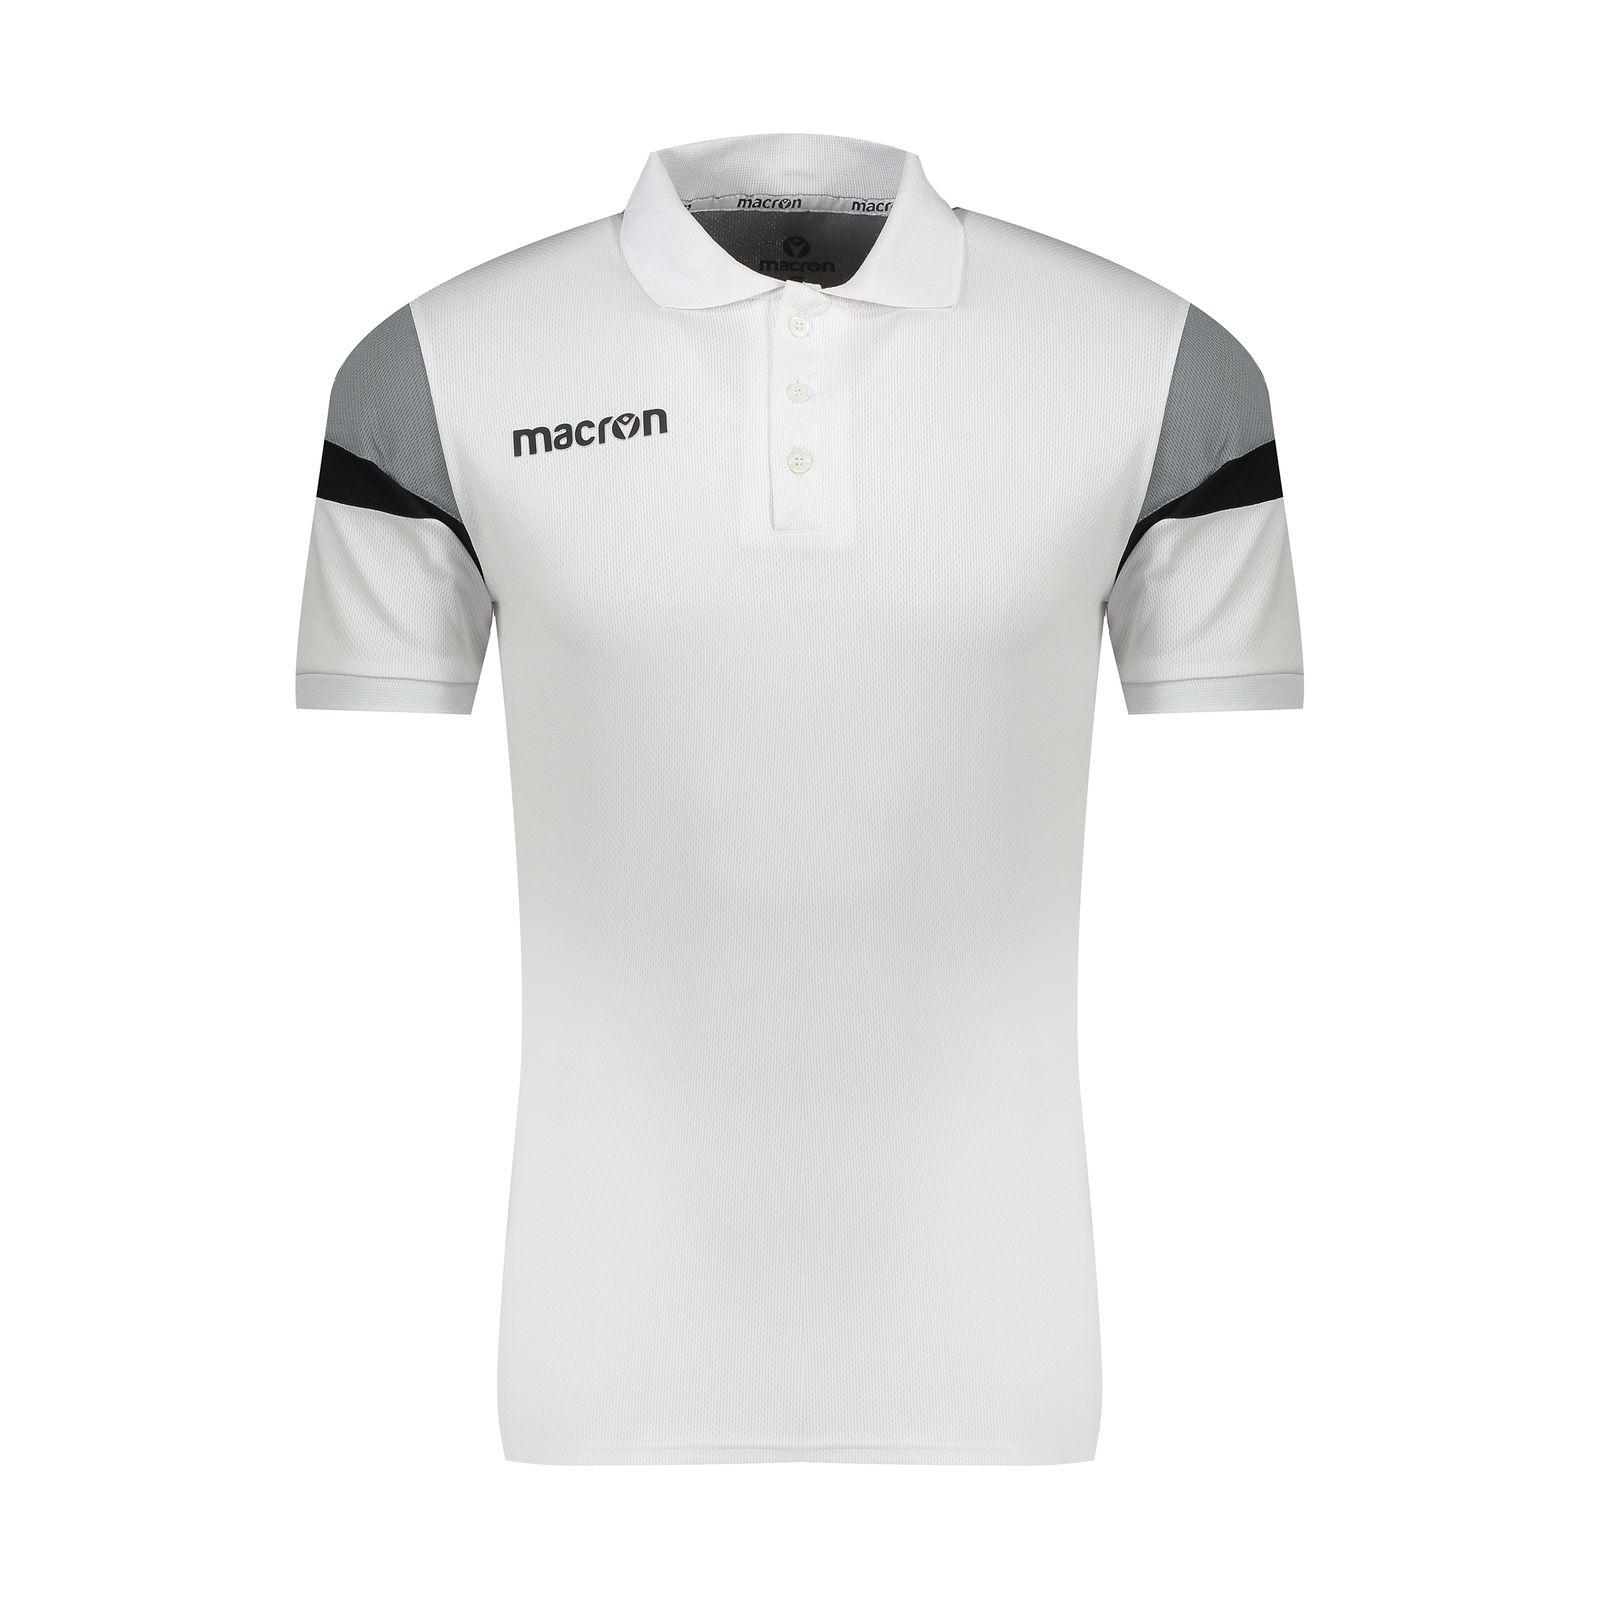 پولوشرت ورزشی مردانه مکرون مدل شوفار کد 35020-01 -  - 2